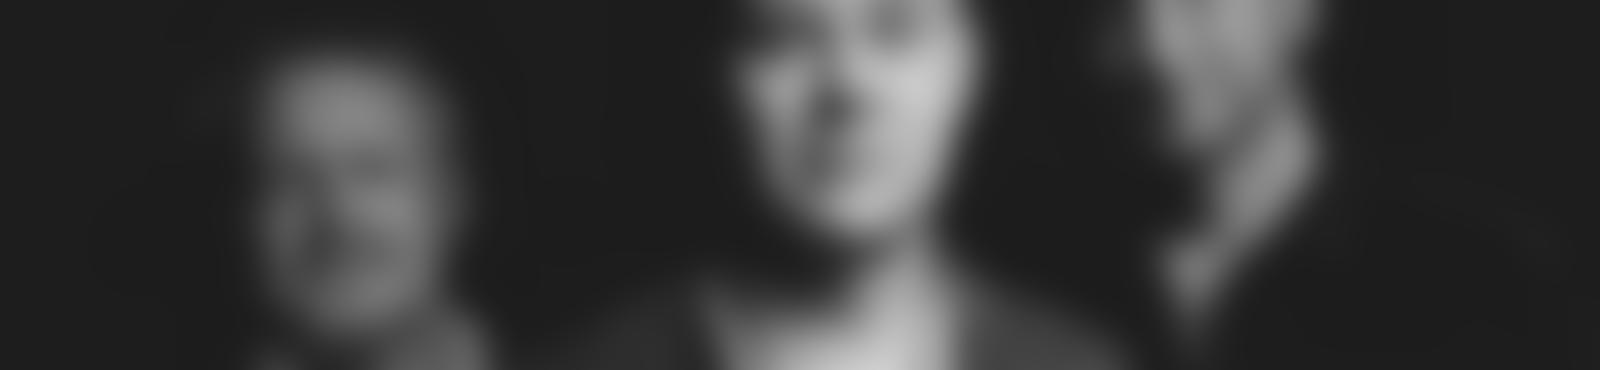 Blurred f50e7591 cec0 4658 9eb4 e8c2da0aaad8